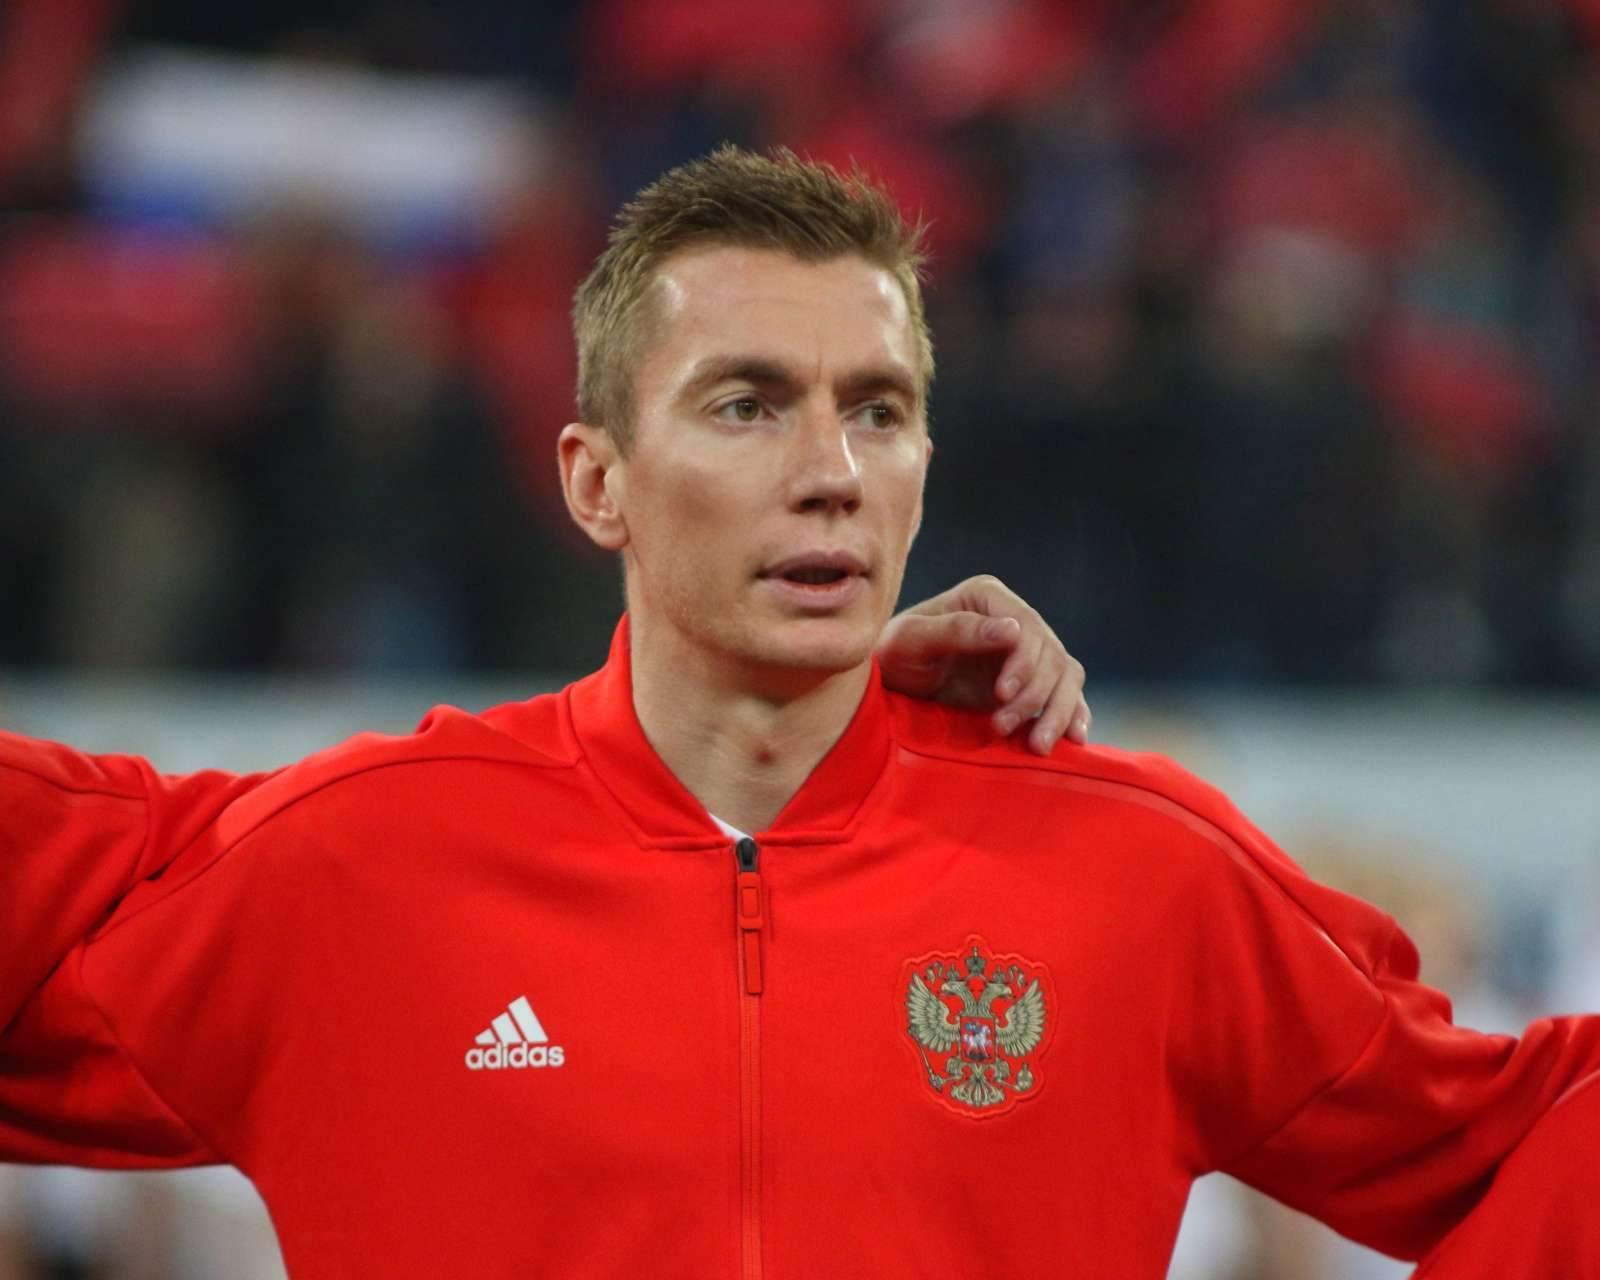 Боец Наврозов: «С Семёновым мы потратили в ночном клубе по 300 тысяч рублей»